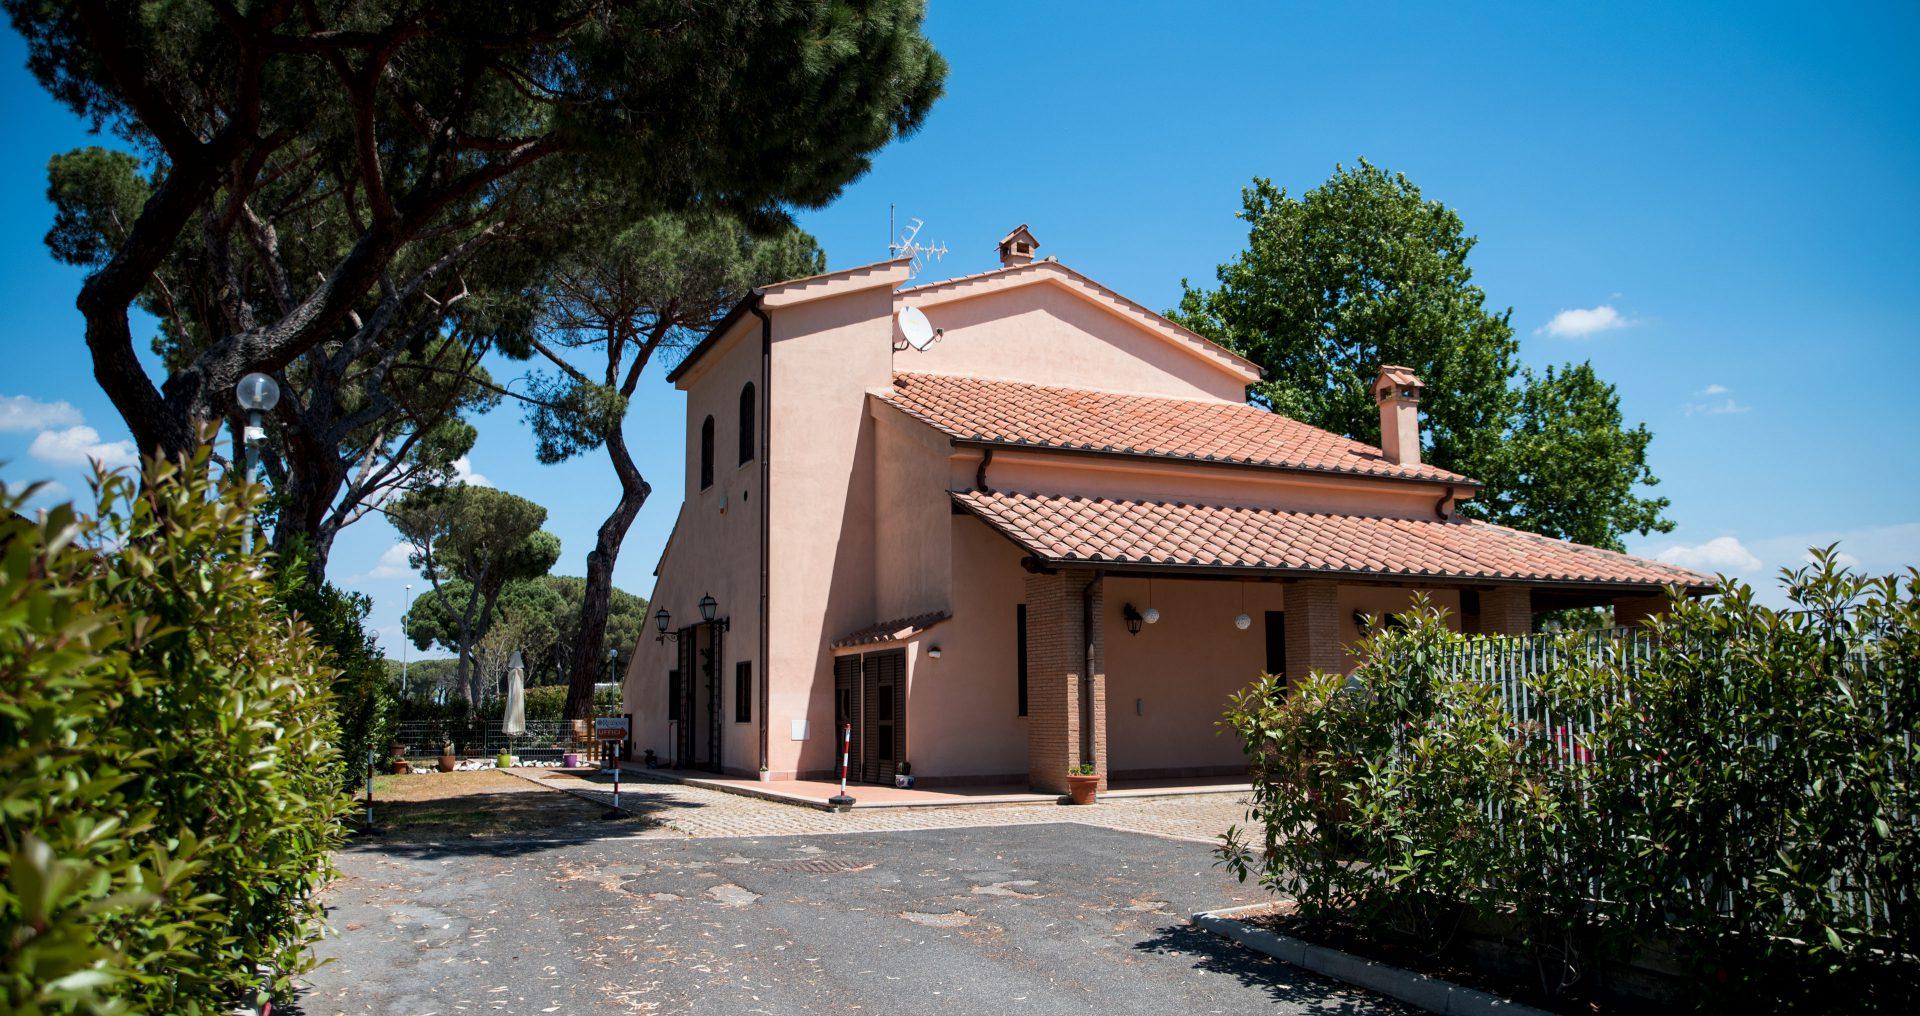 compravendita immobiliare a Roma